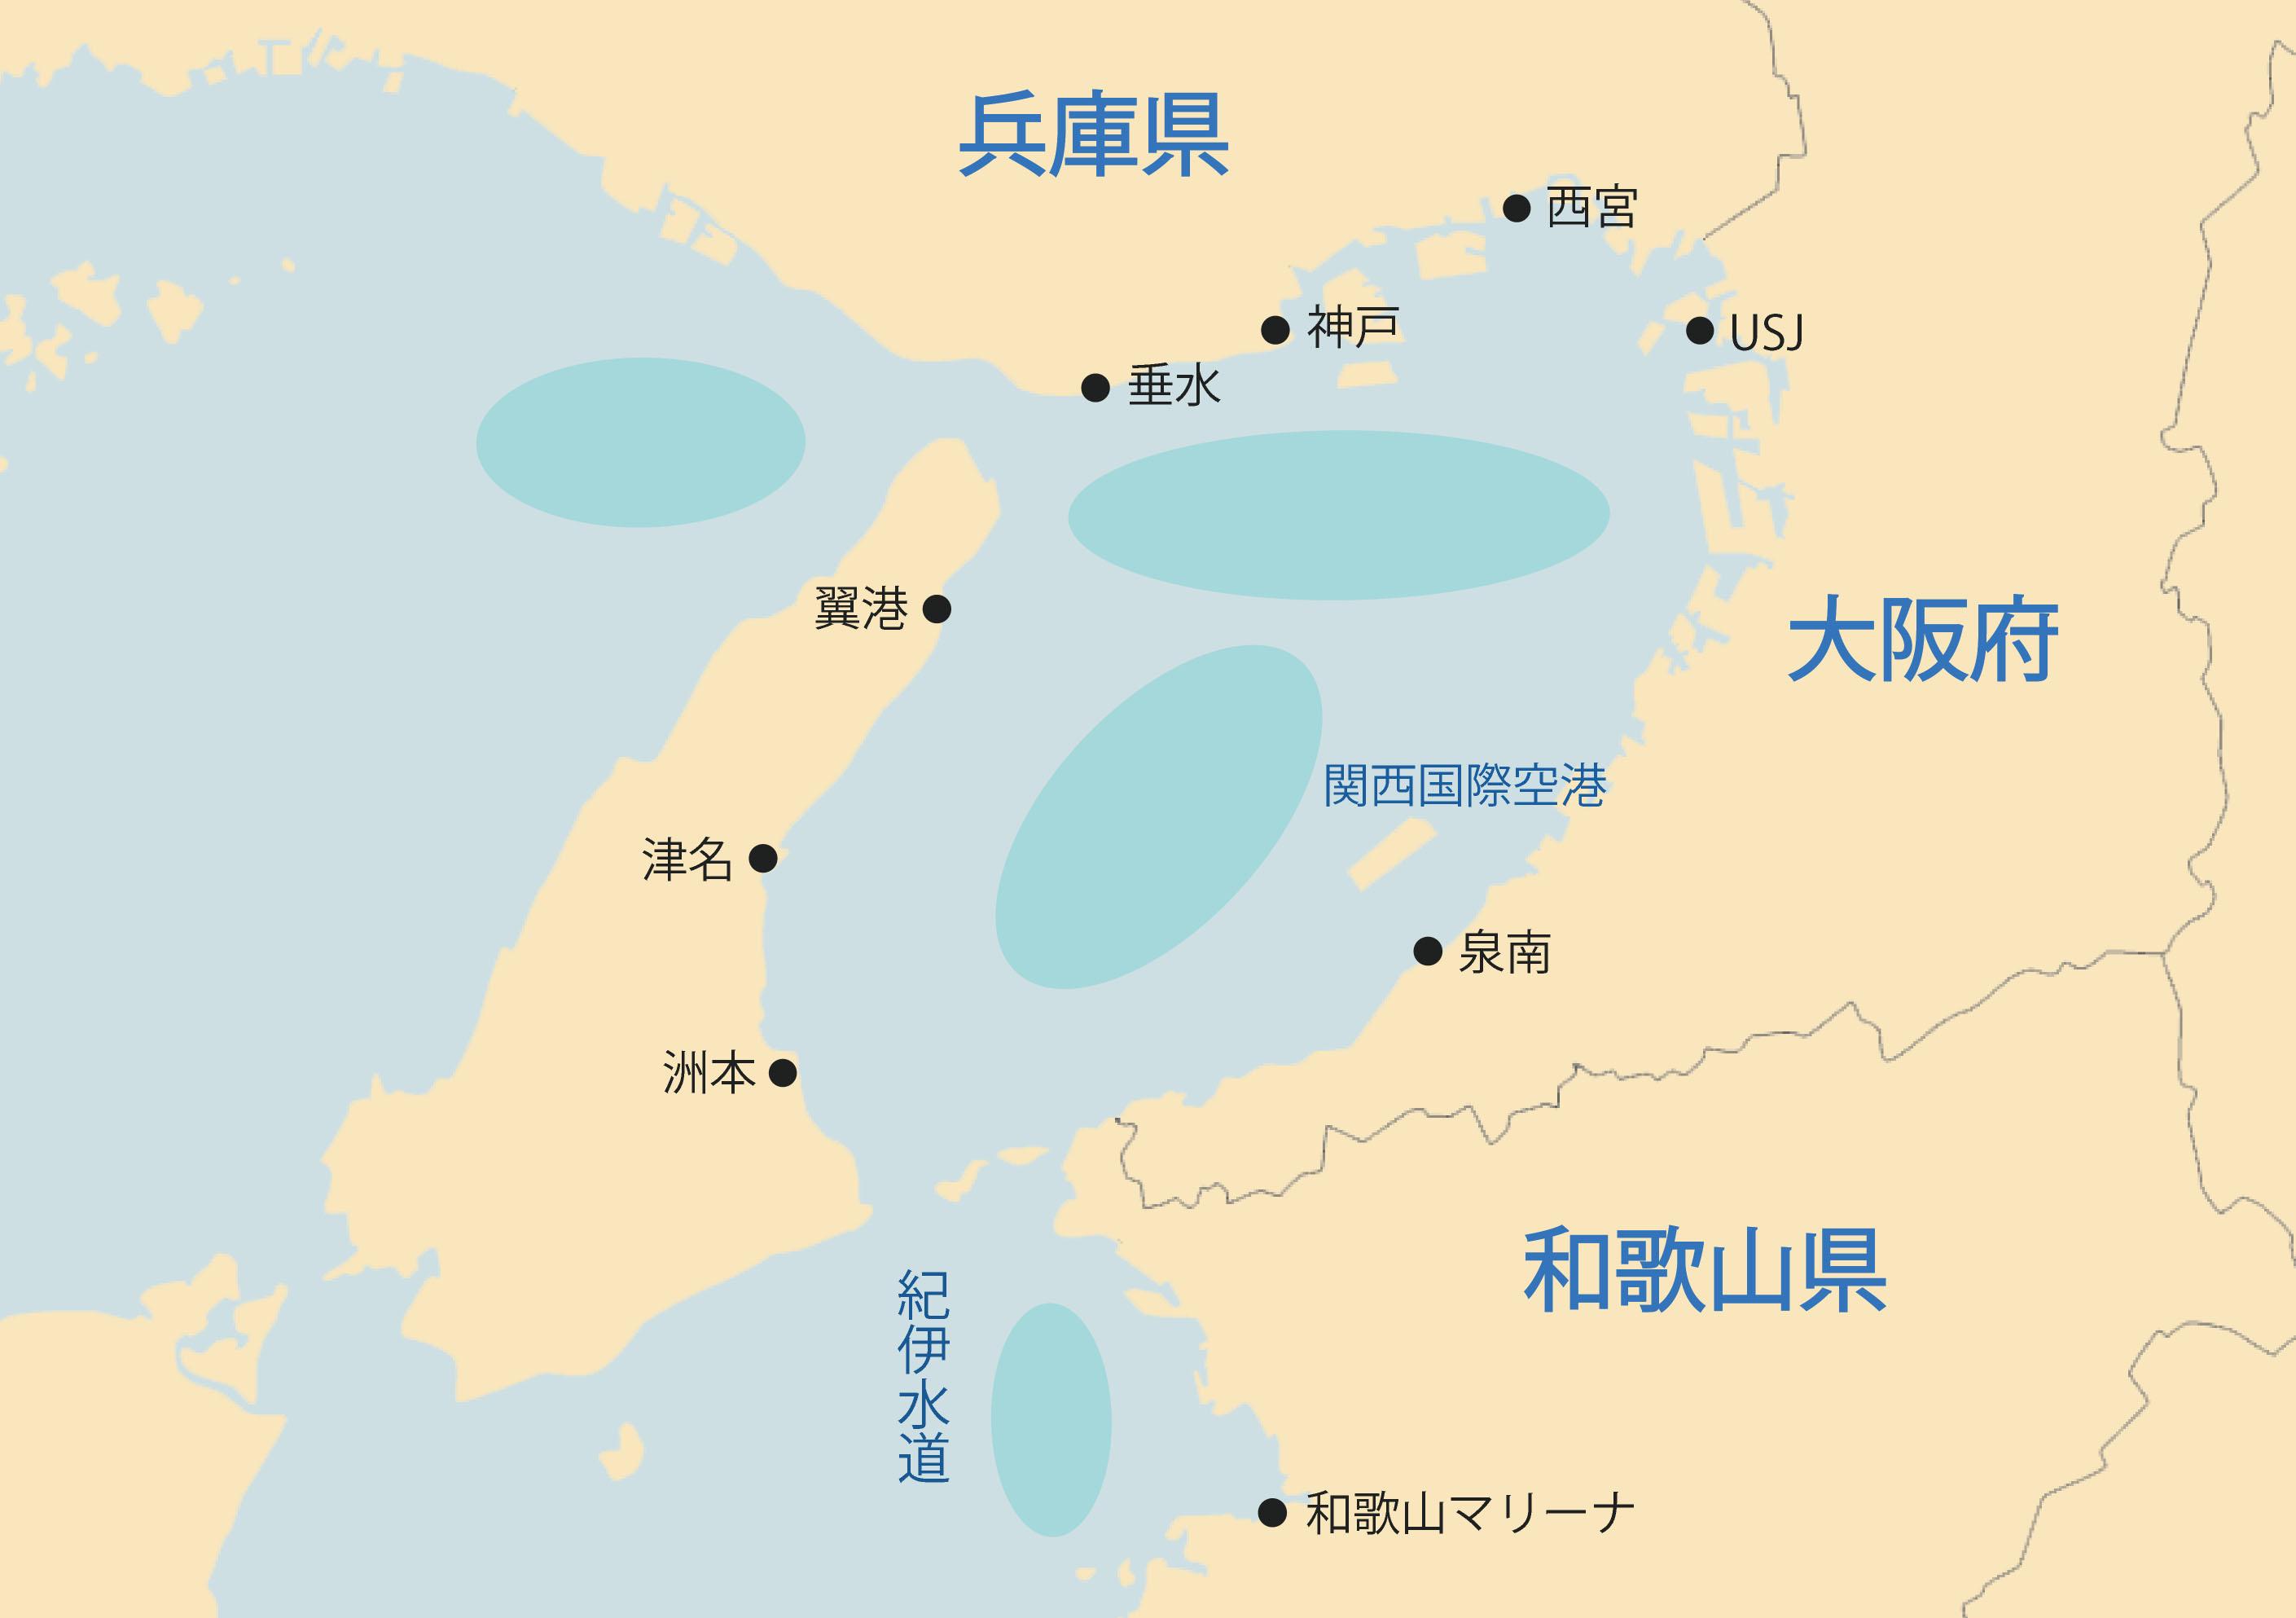 散骨 関西「Aクルーズ」の散骨海域地図